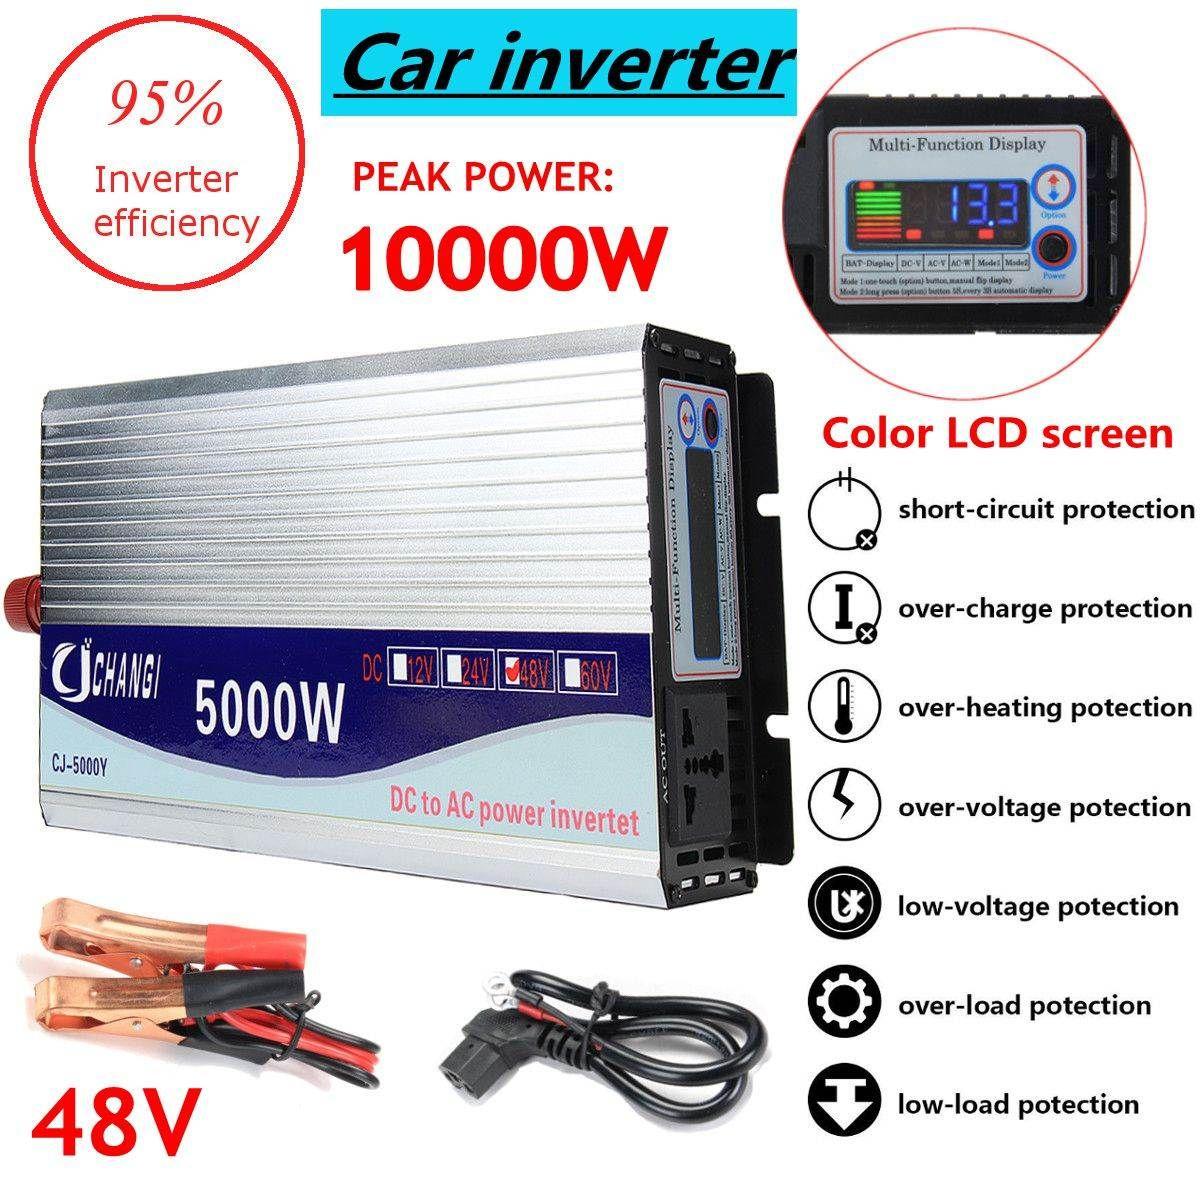 Inverter 12 v/24 v/48 v 220 v 5000 watt 10000 watt Peak-Modifizierte Sinus Welle power Spannung transformator Inverter Konverter + LCD display